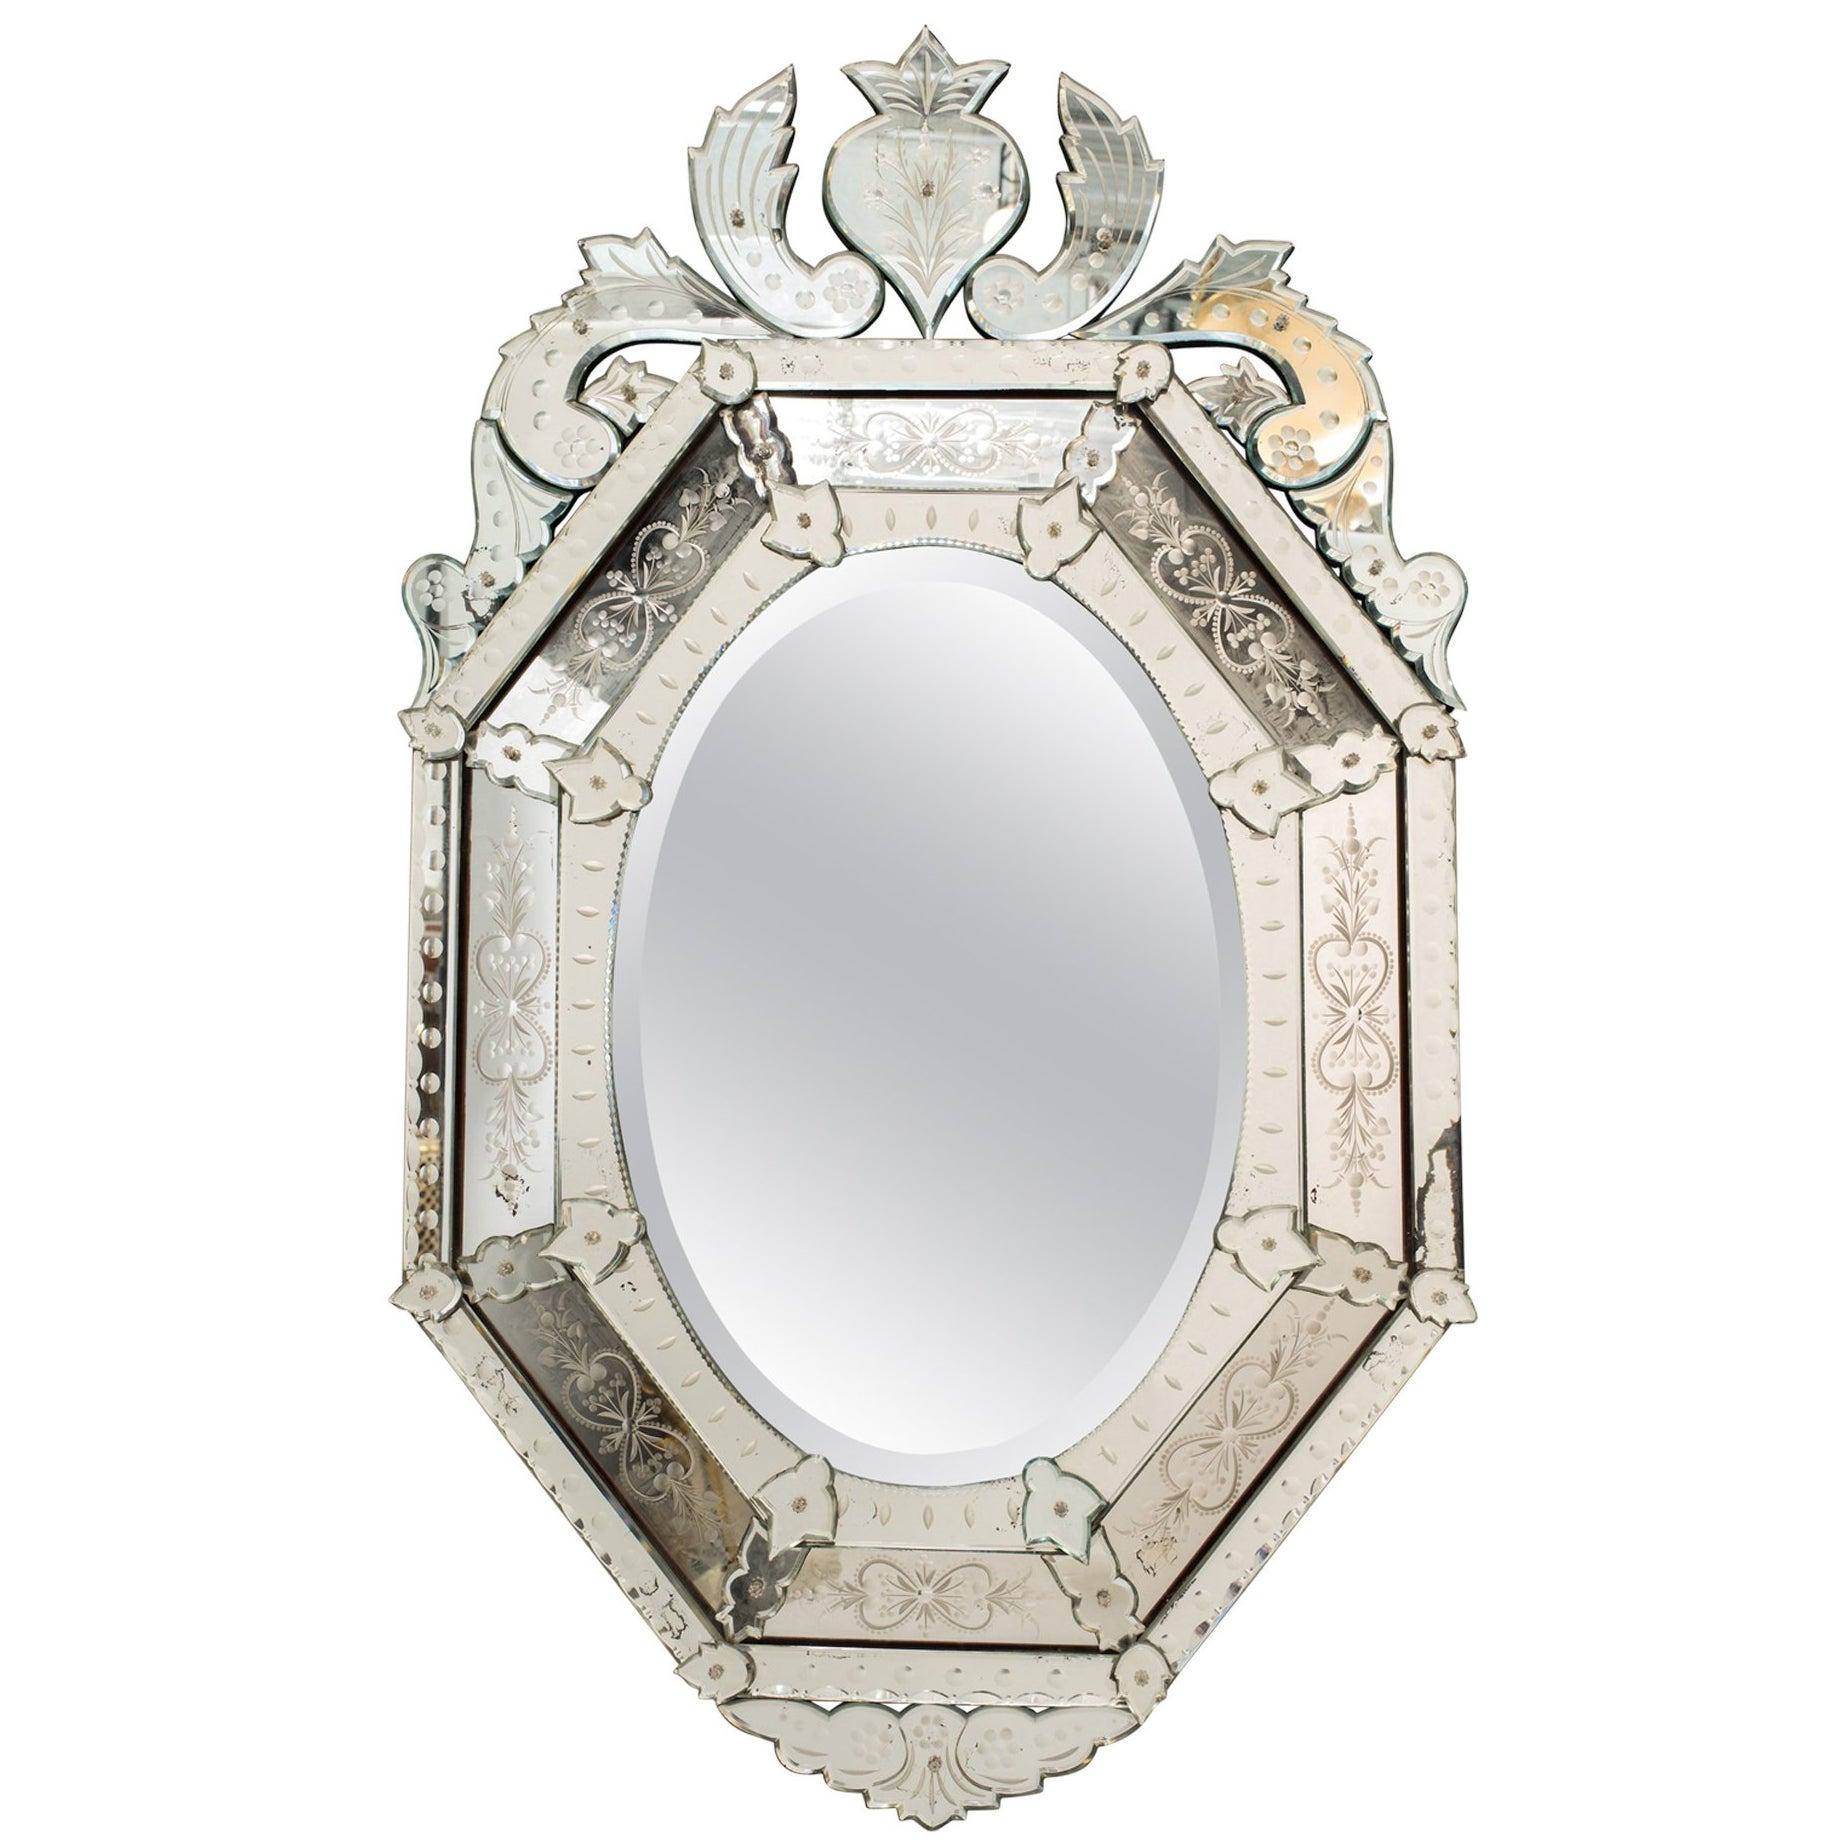 1930s Octagonal Venetian Mirror with Crown